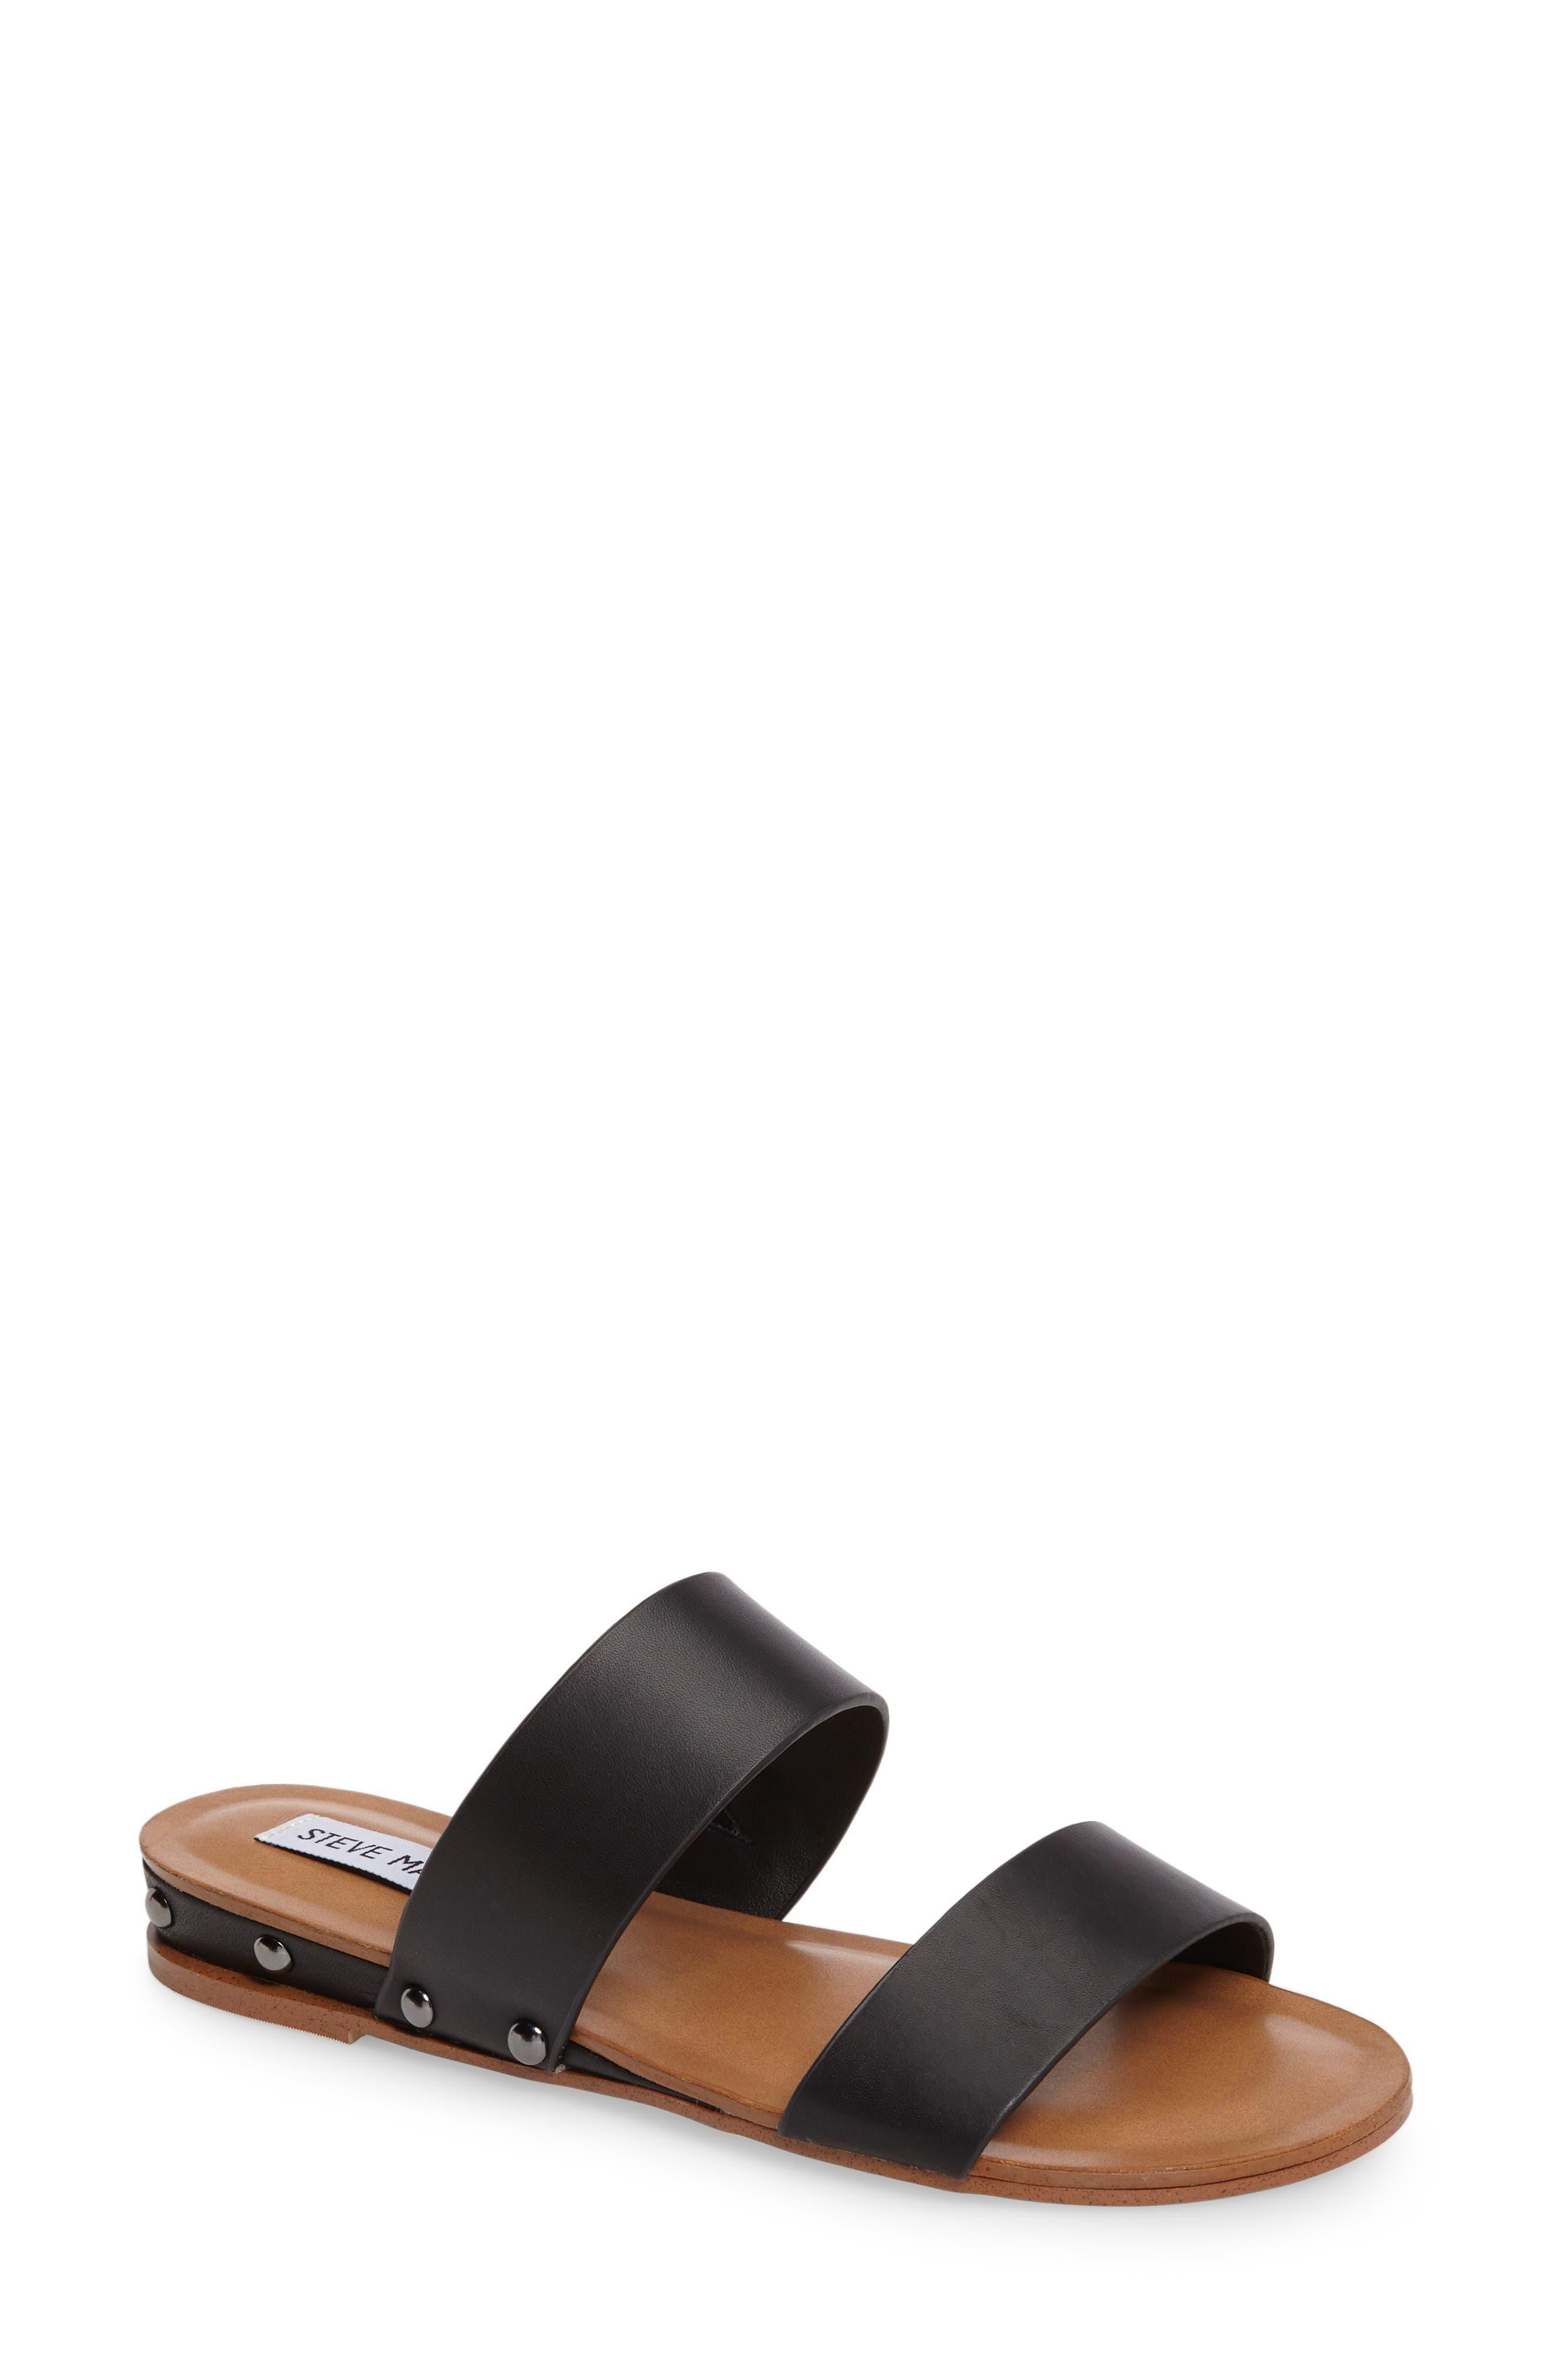 STEVE MADDEN Dakotas Sandal